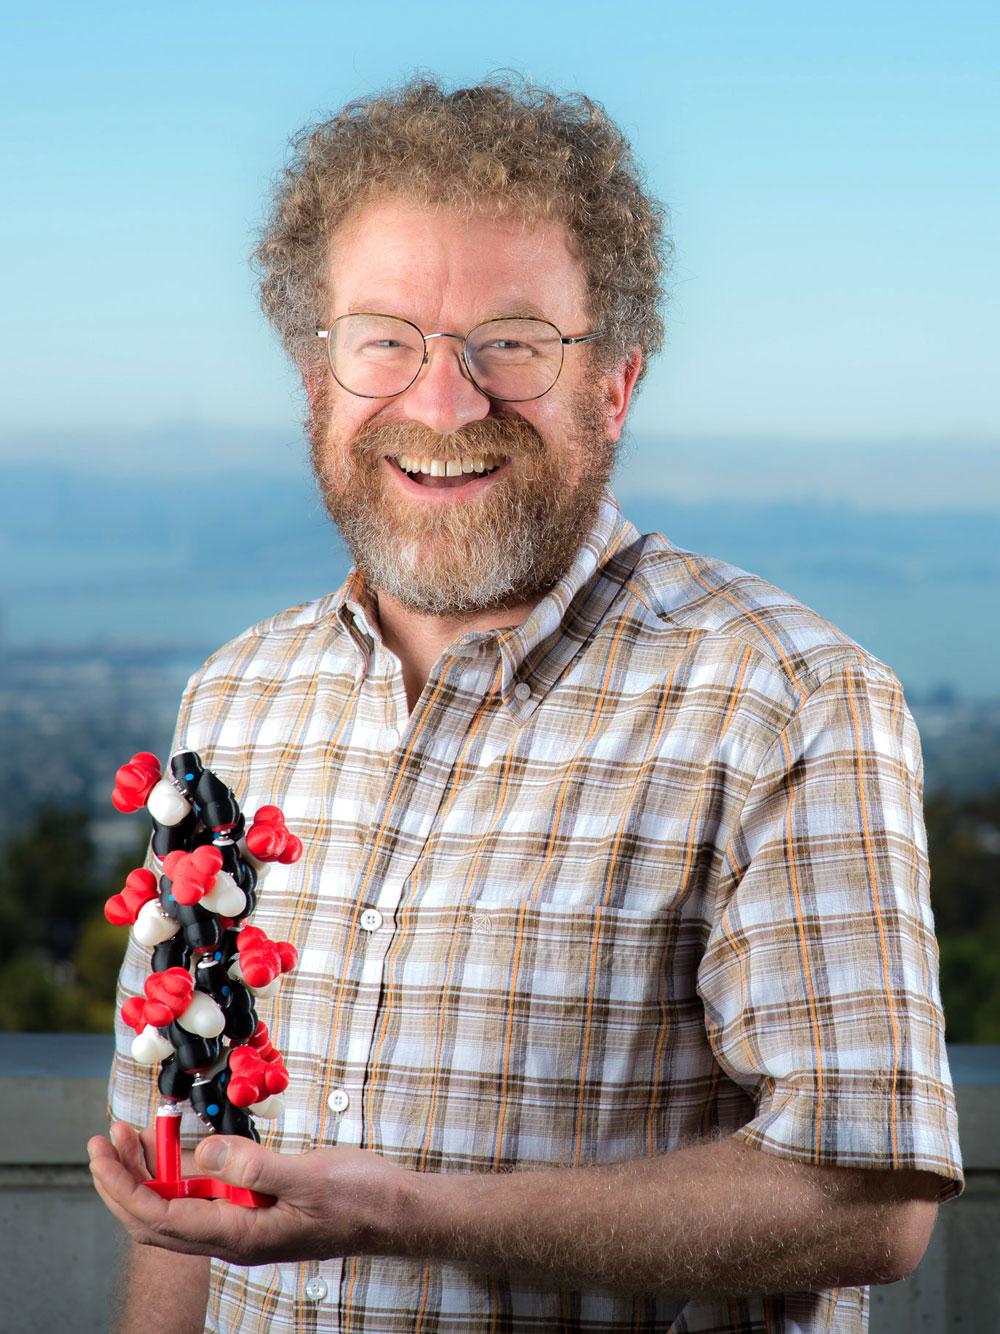 Рональд Цукерман, химик Национальной лаборатории Лоуренса Беркли, демонстрирует модель одной из белковоподобных структур. Эта структура получена им наоснове искусственных полимеров, называемых пептоидами. Внастоящее время Цукерман применяет пептоиды для проверки предсказаний новой гипотезы происхождения жизни